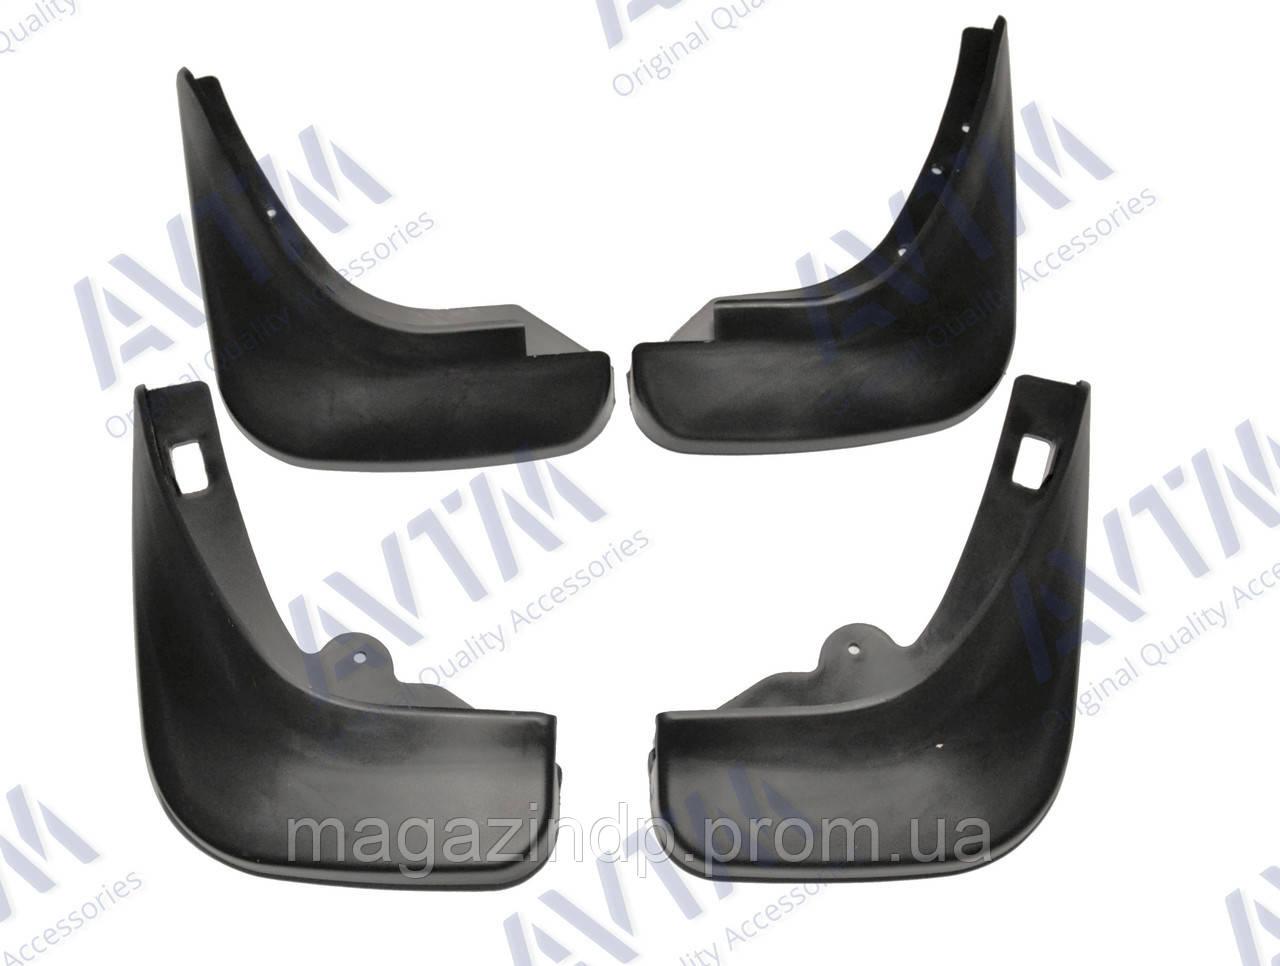 Брызговики полный комплект для Ford Focus HB 2004-2011 комплект 4шт MF.FOFO0411FR Код товара: 3827903